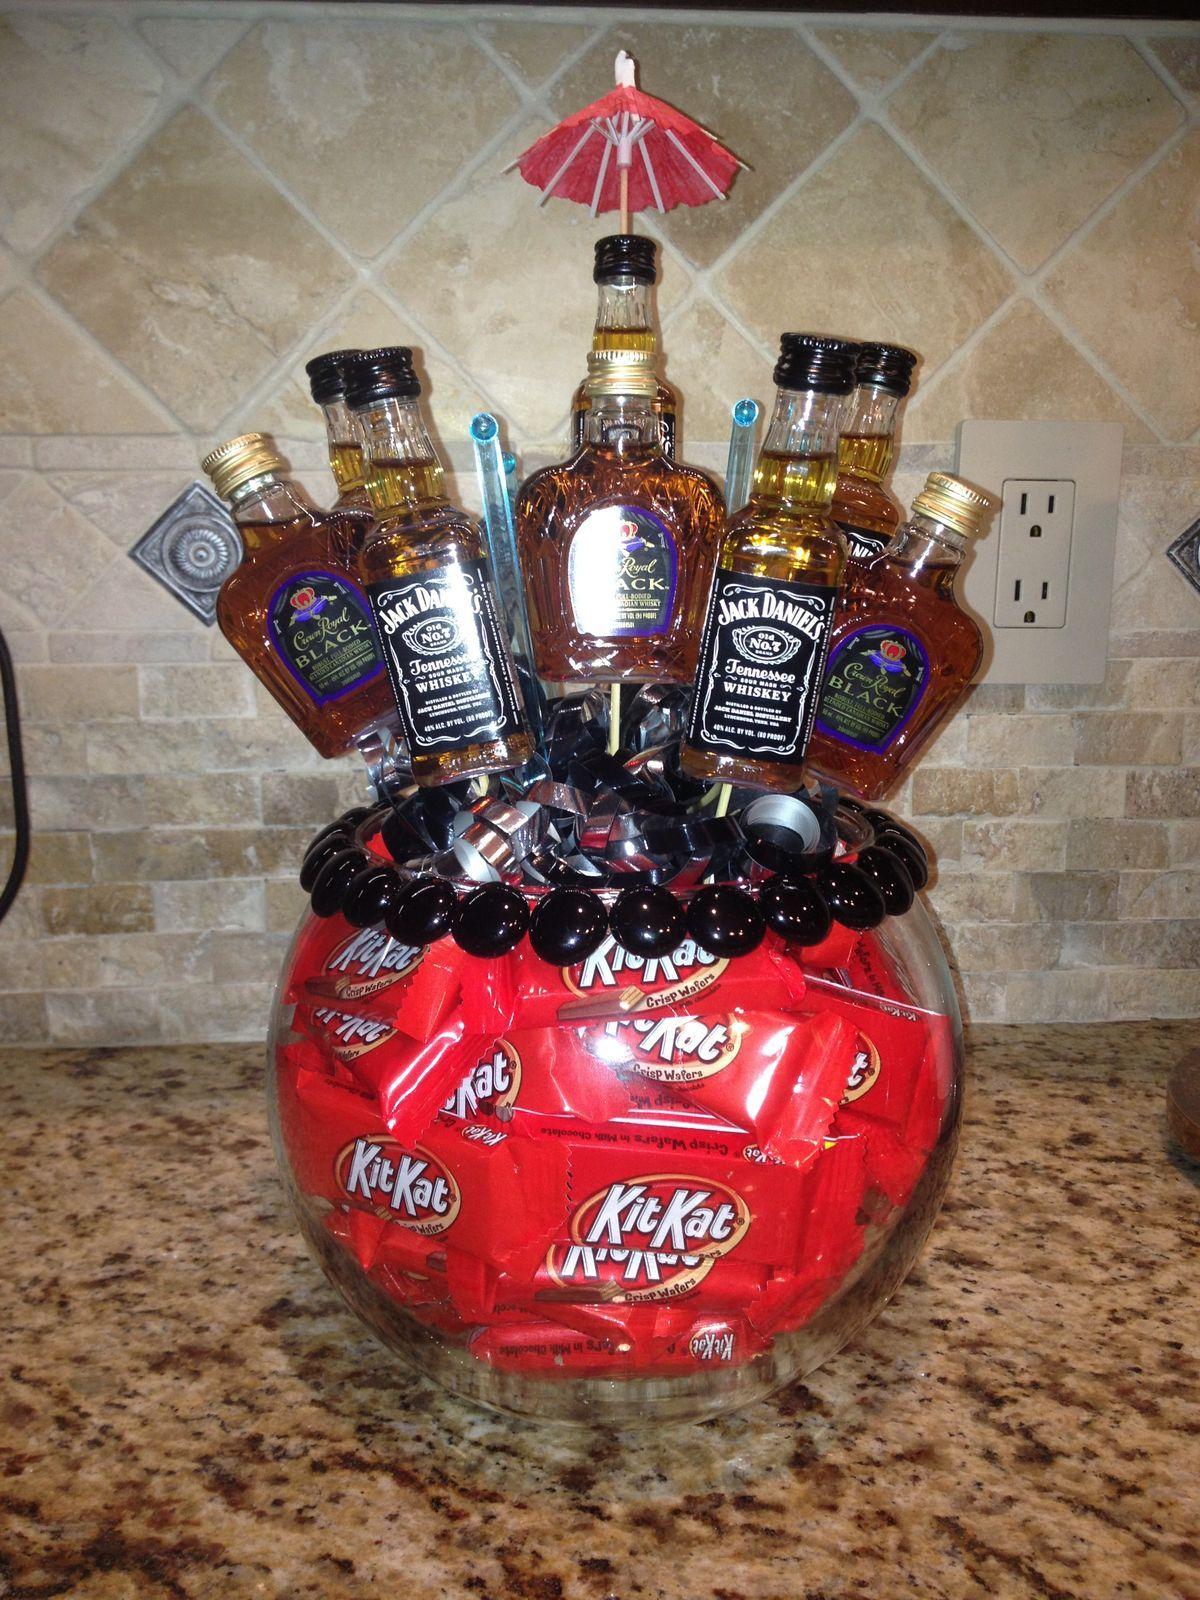 2e43419aaaaa157a597ebd54eeb1b9b2 Jpg 1 200 1 600 Pixels Liquor Gift Baskets Alcohol Gift Baskets Liquor Gifts